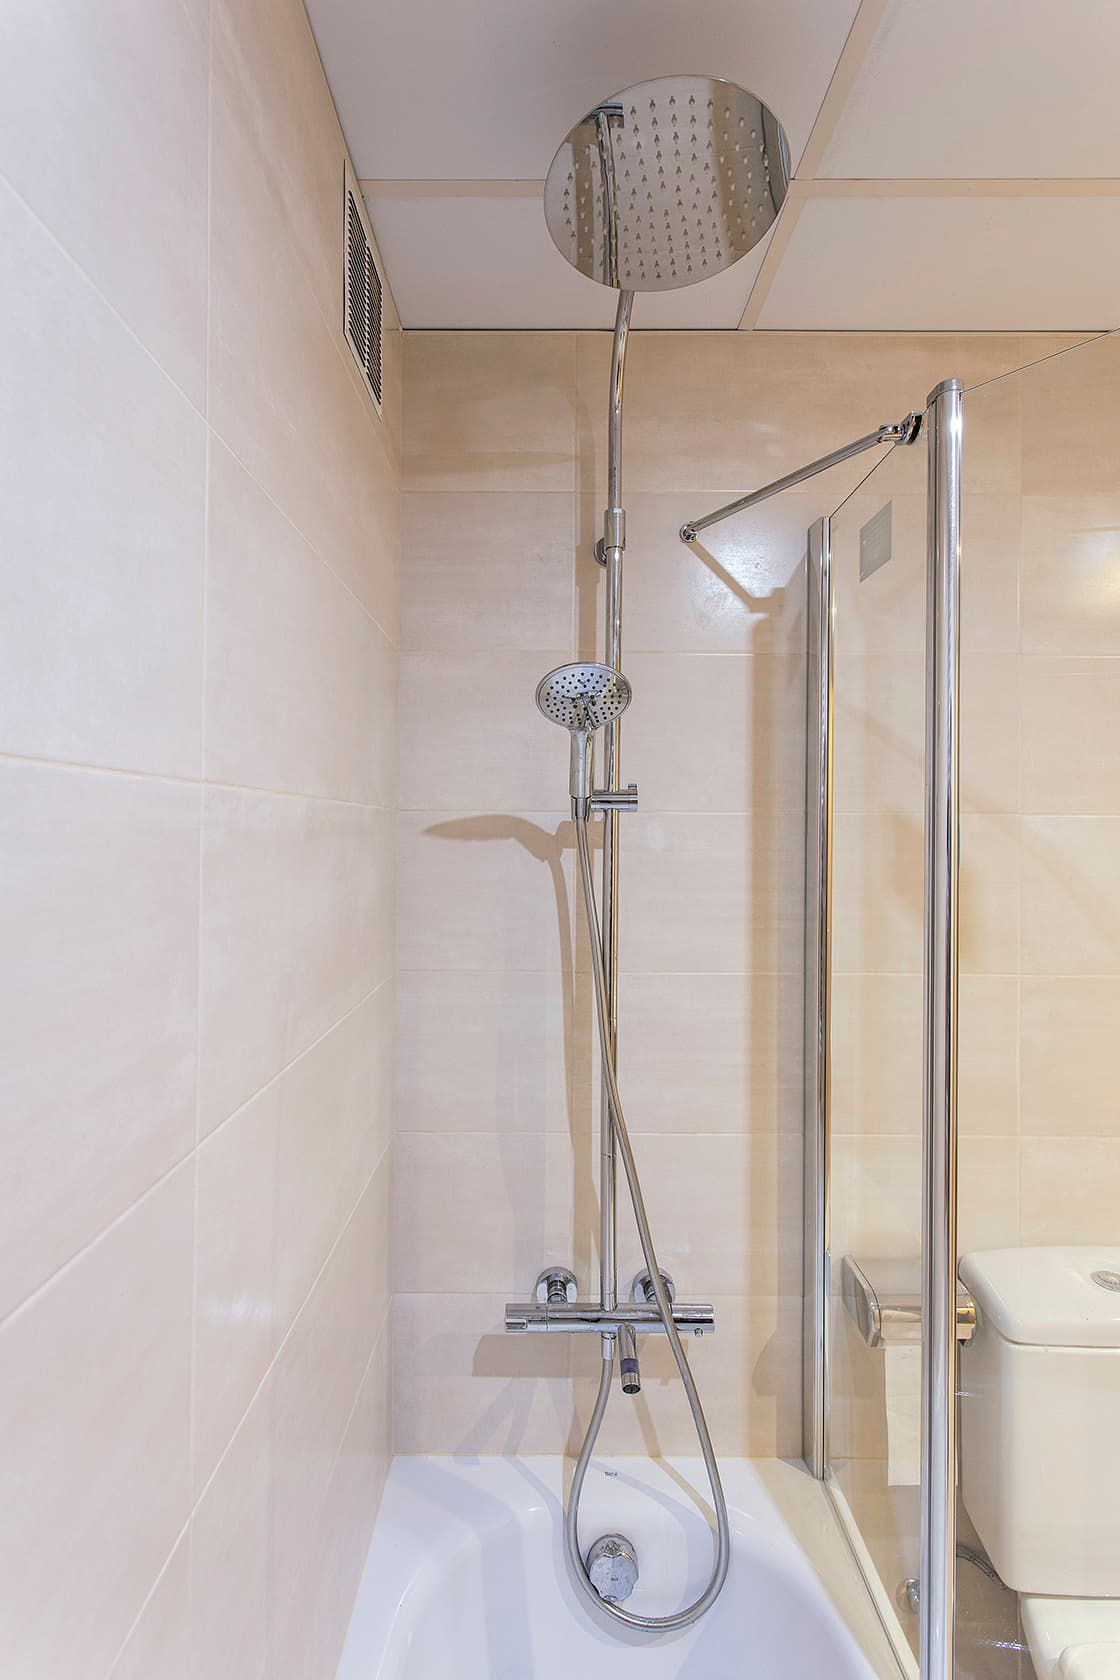 alcachofa de ducha